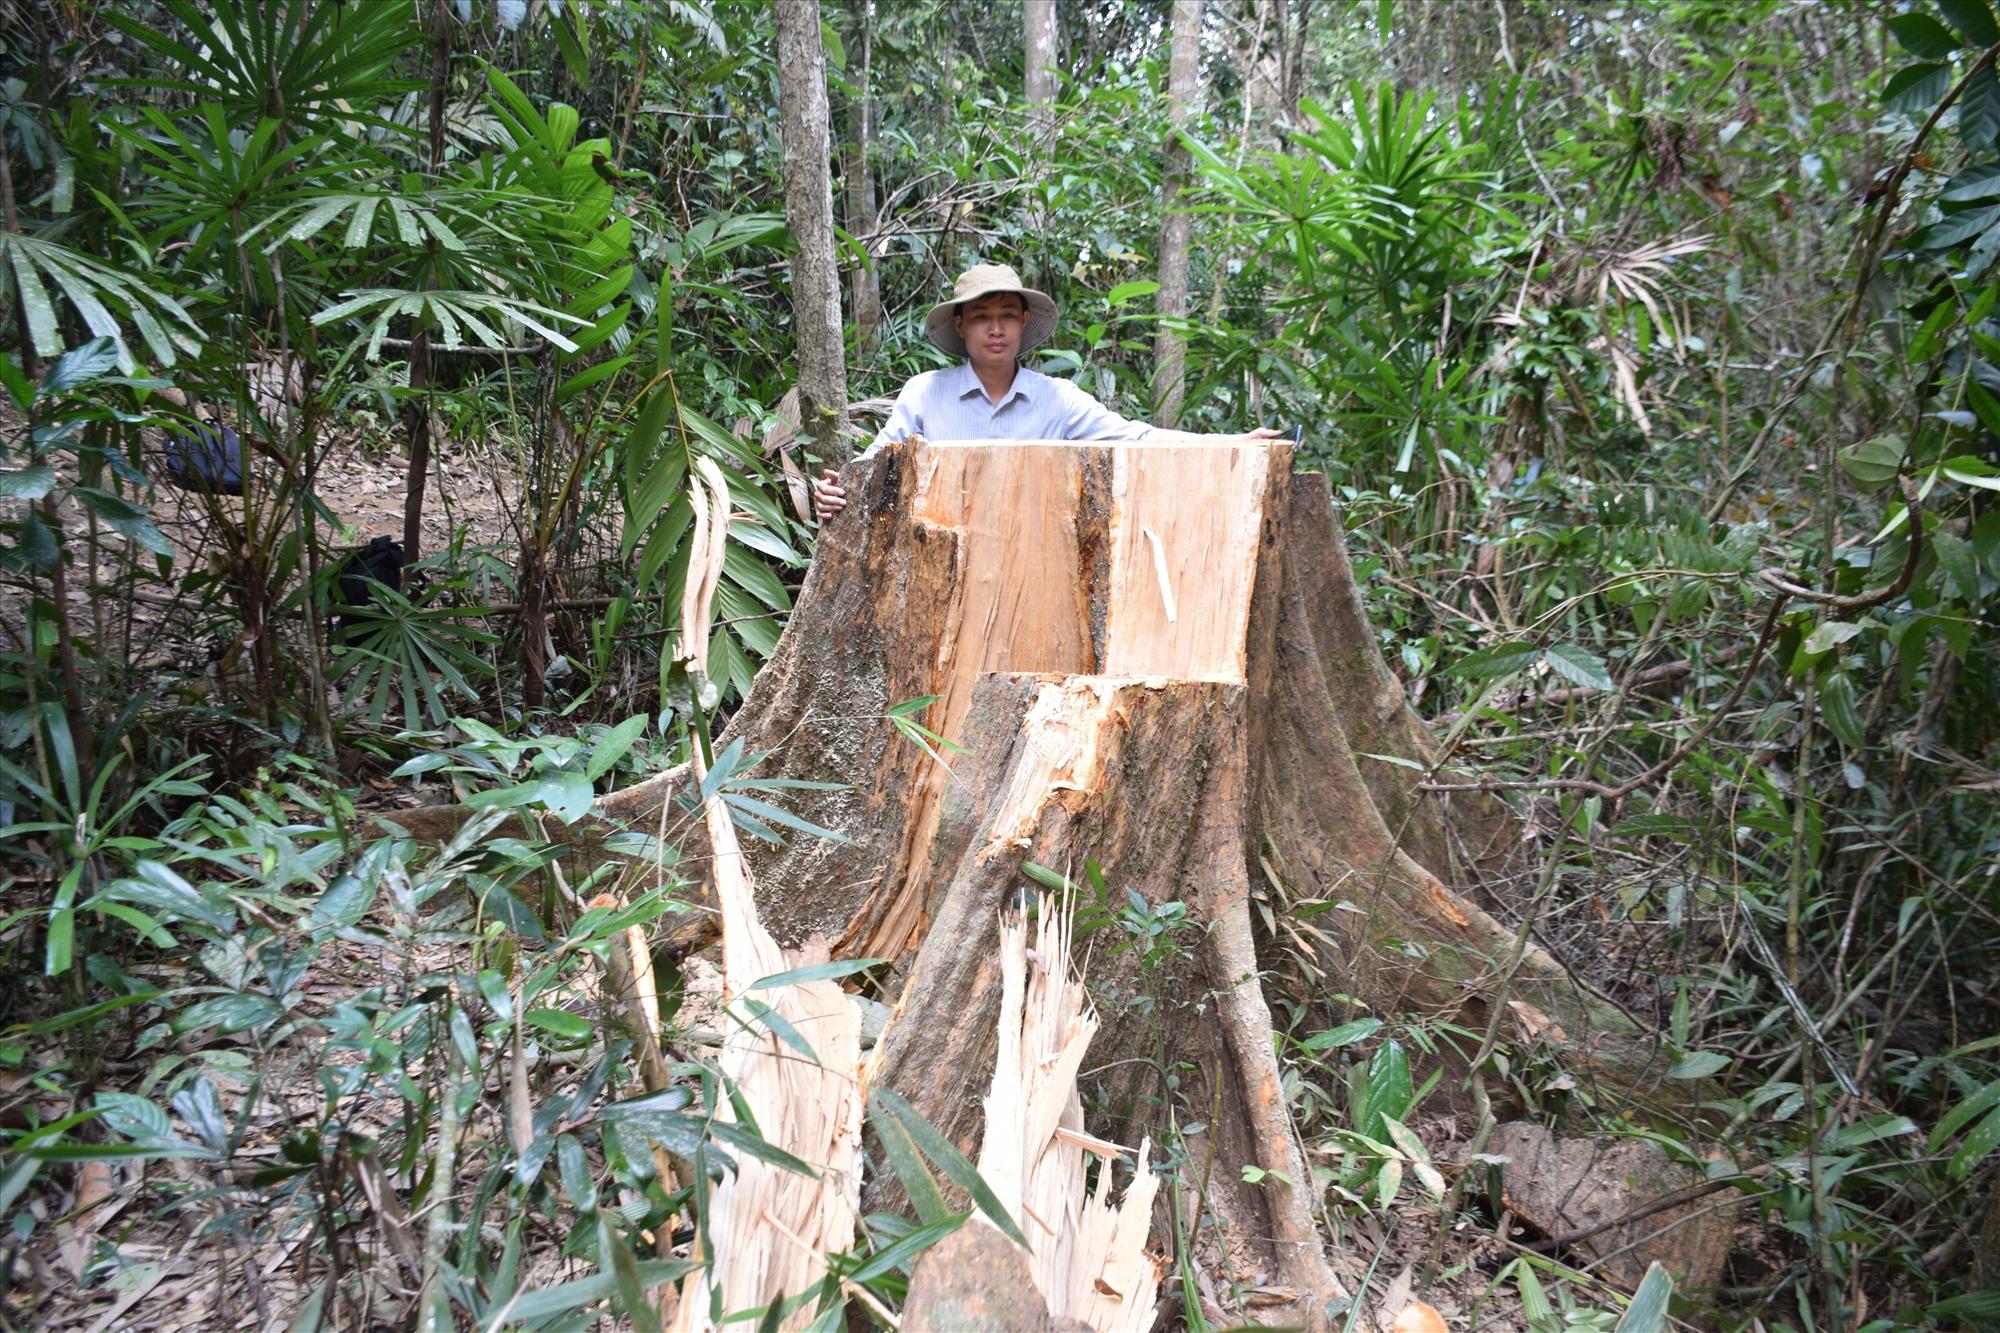 Một cây gỗ lớn ở khu vực rừng đầu nguồn sông Nước Oa, khu vực giáp ranh giữa Trà Tân, Trà Giáp (huyện Bắc Trà My) bị cưa hạ. Ảnh: THANH THẮNG